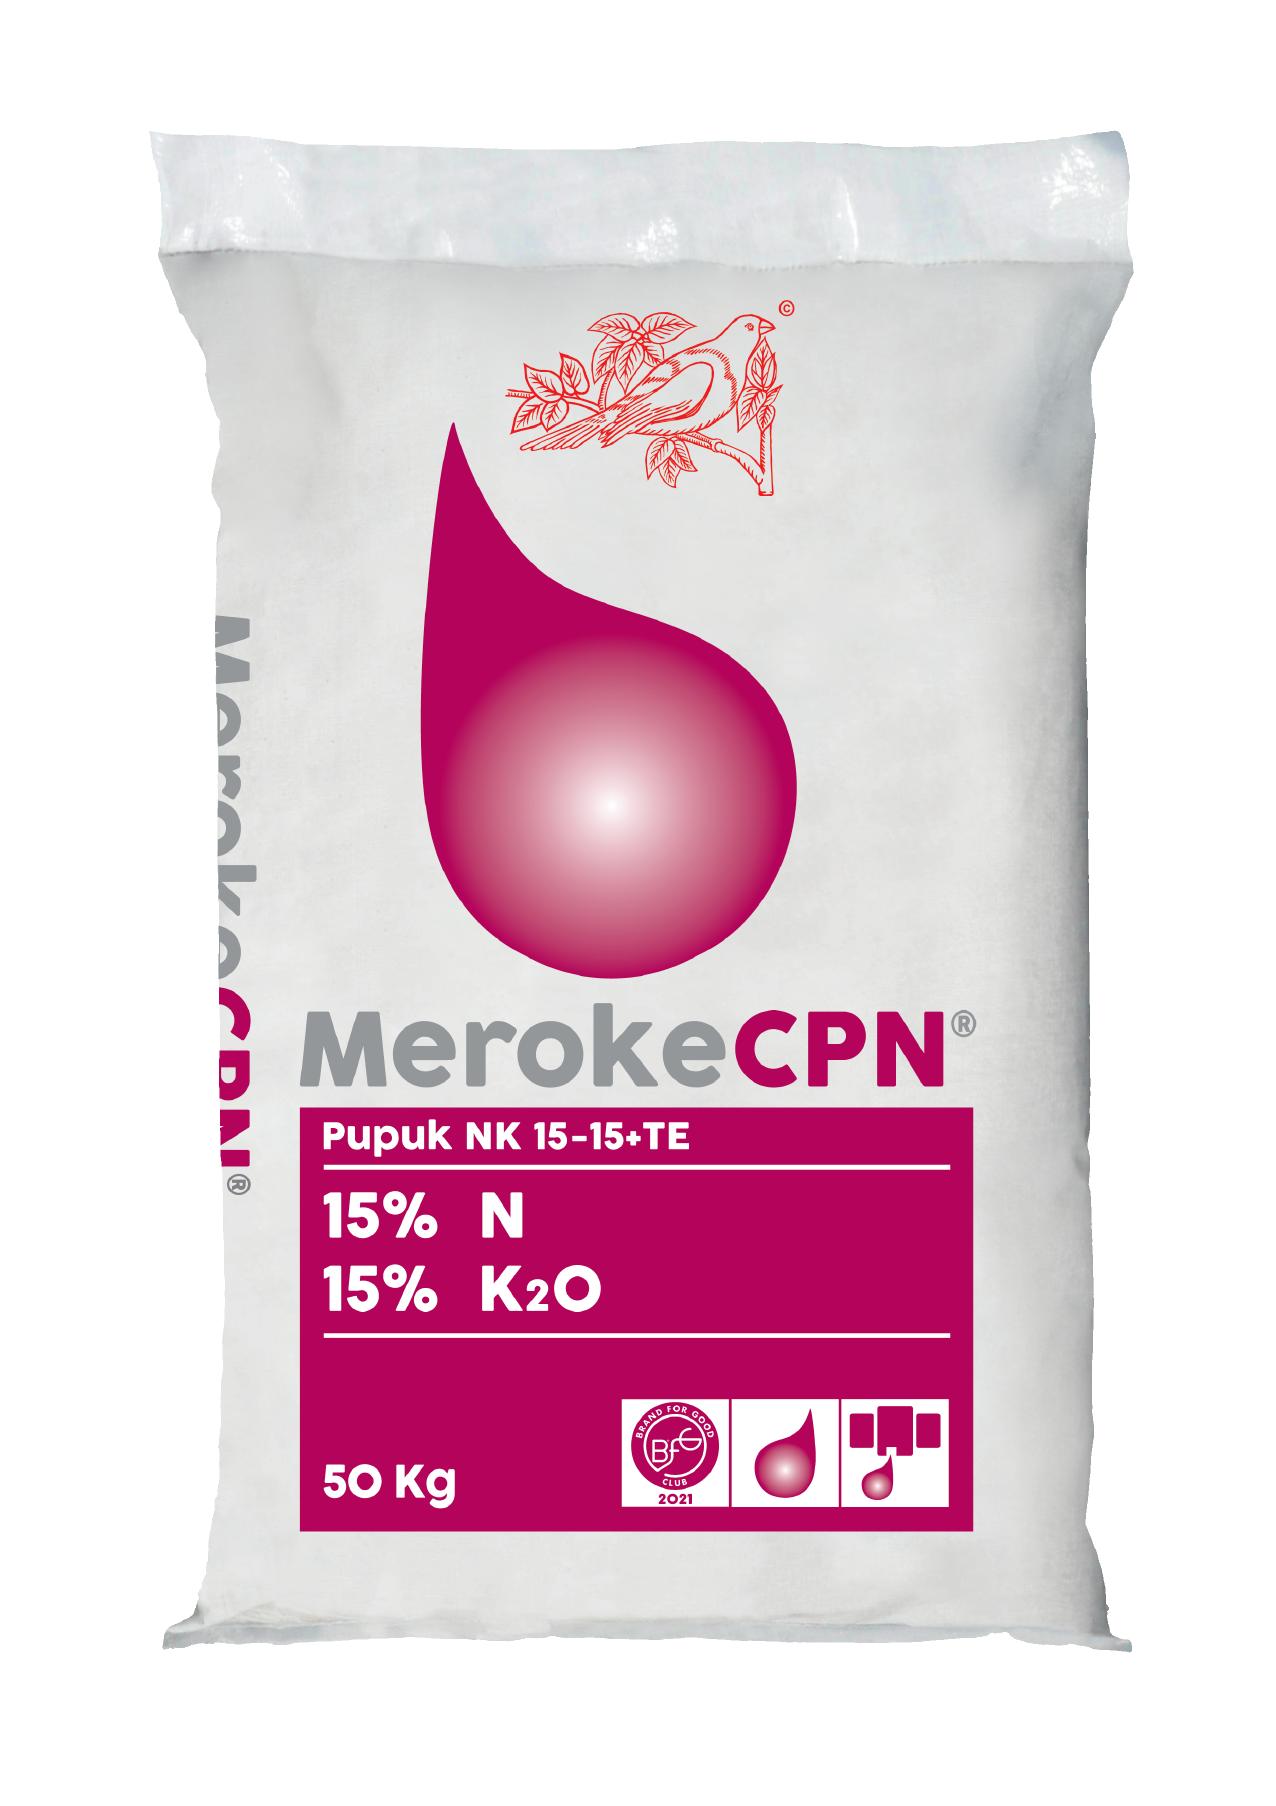 MerokeCPN